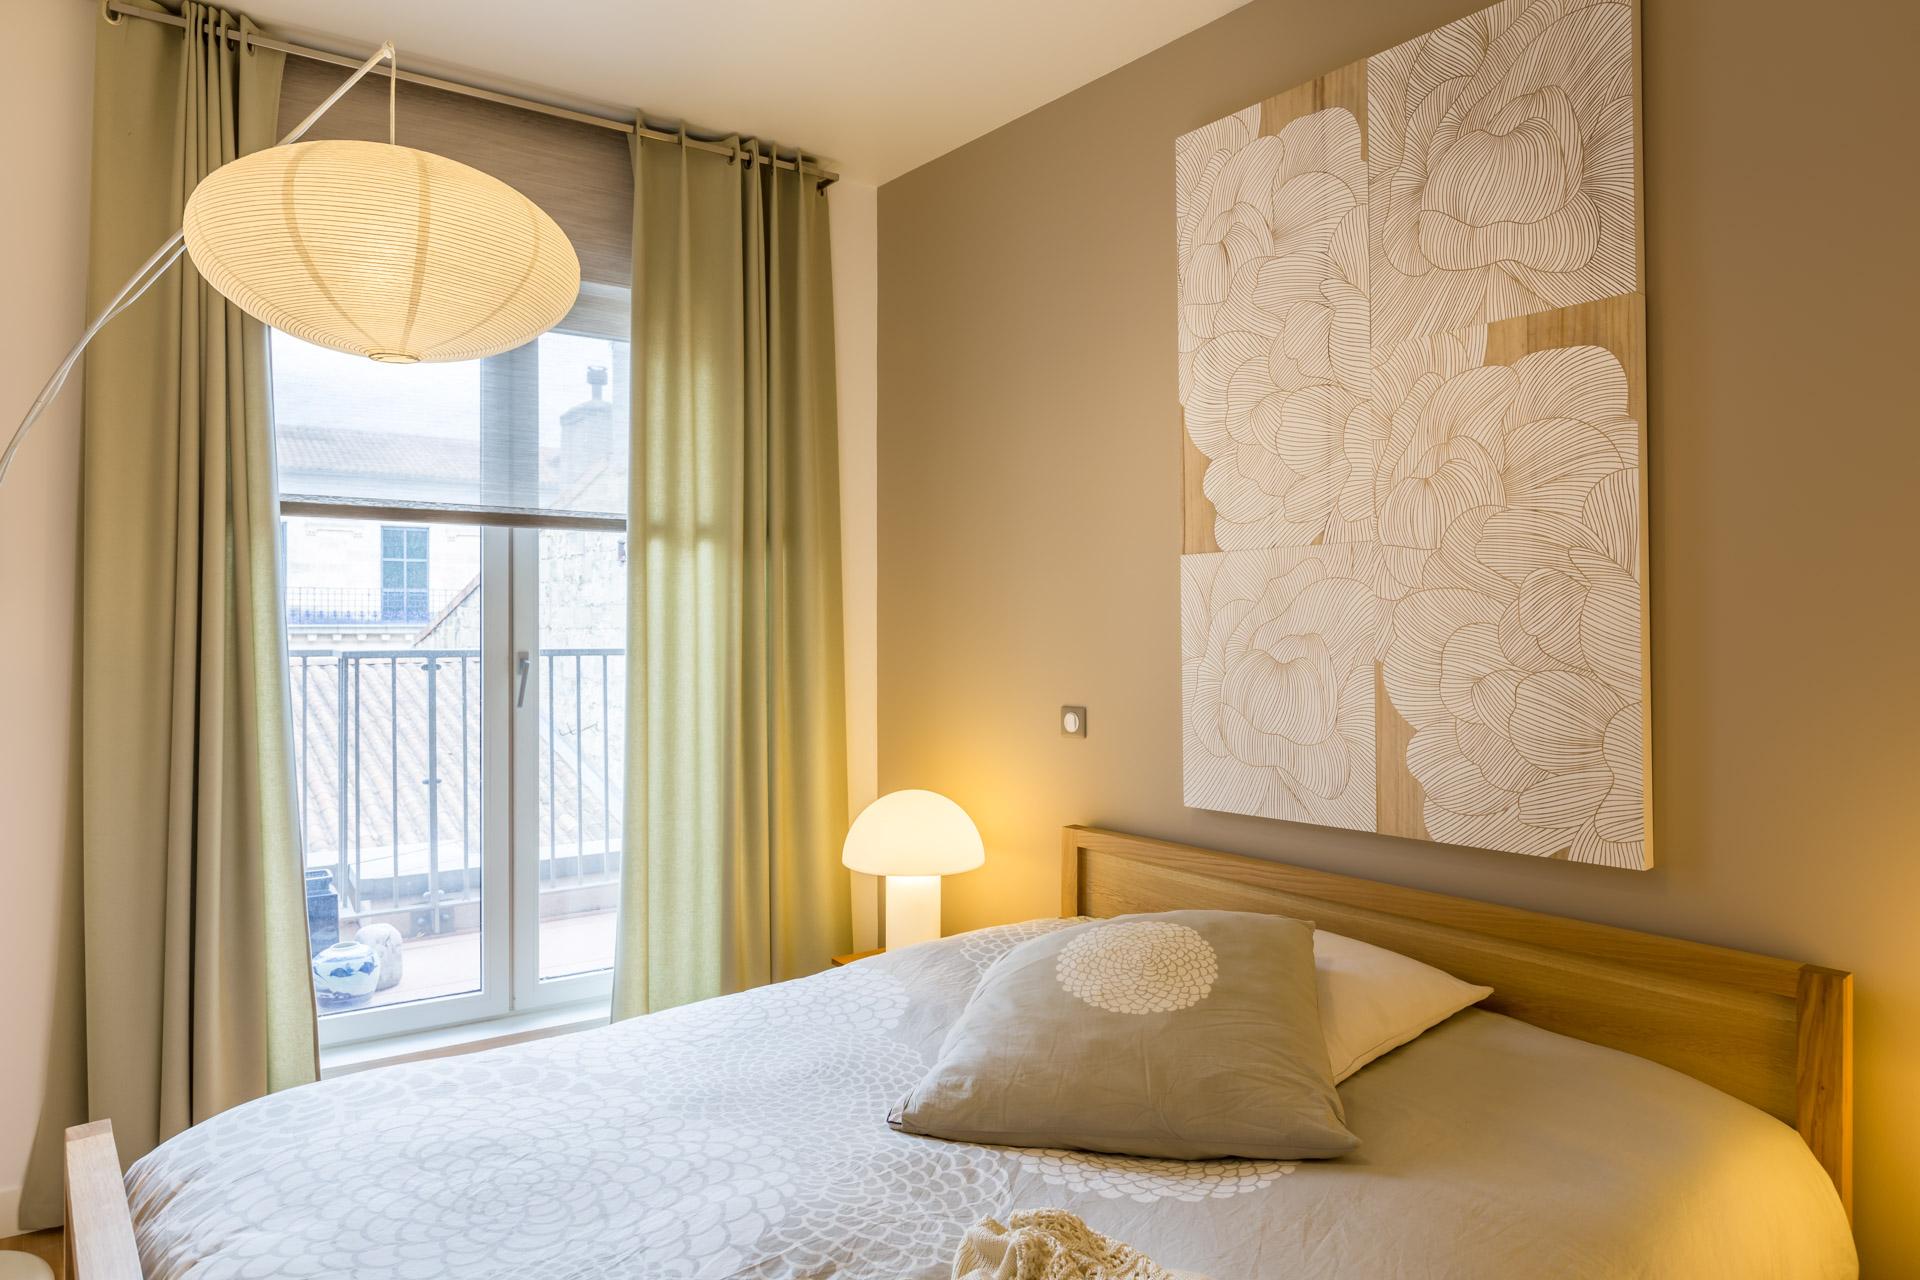 Dcoration dun appartement dans Le Carr Cheverus  Bordeaux  Expression architecture Intrieur